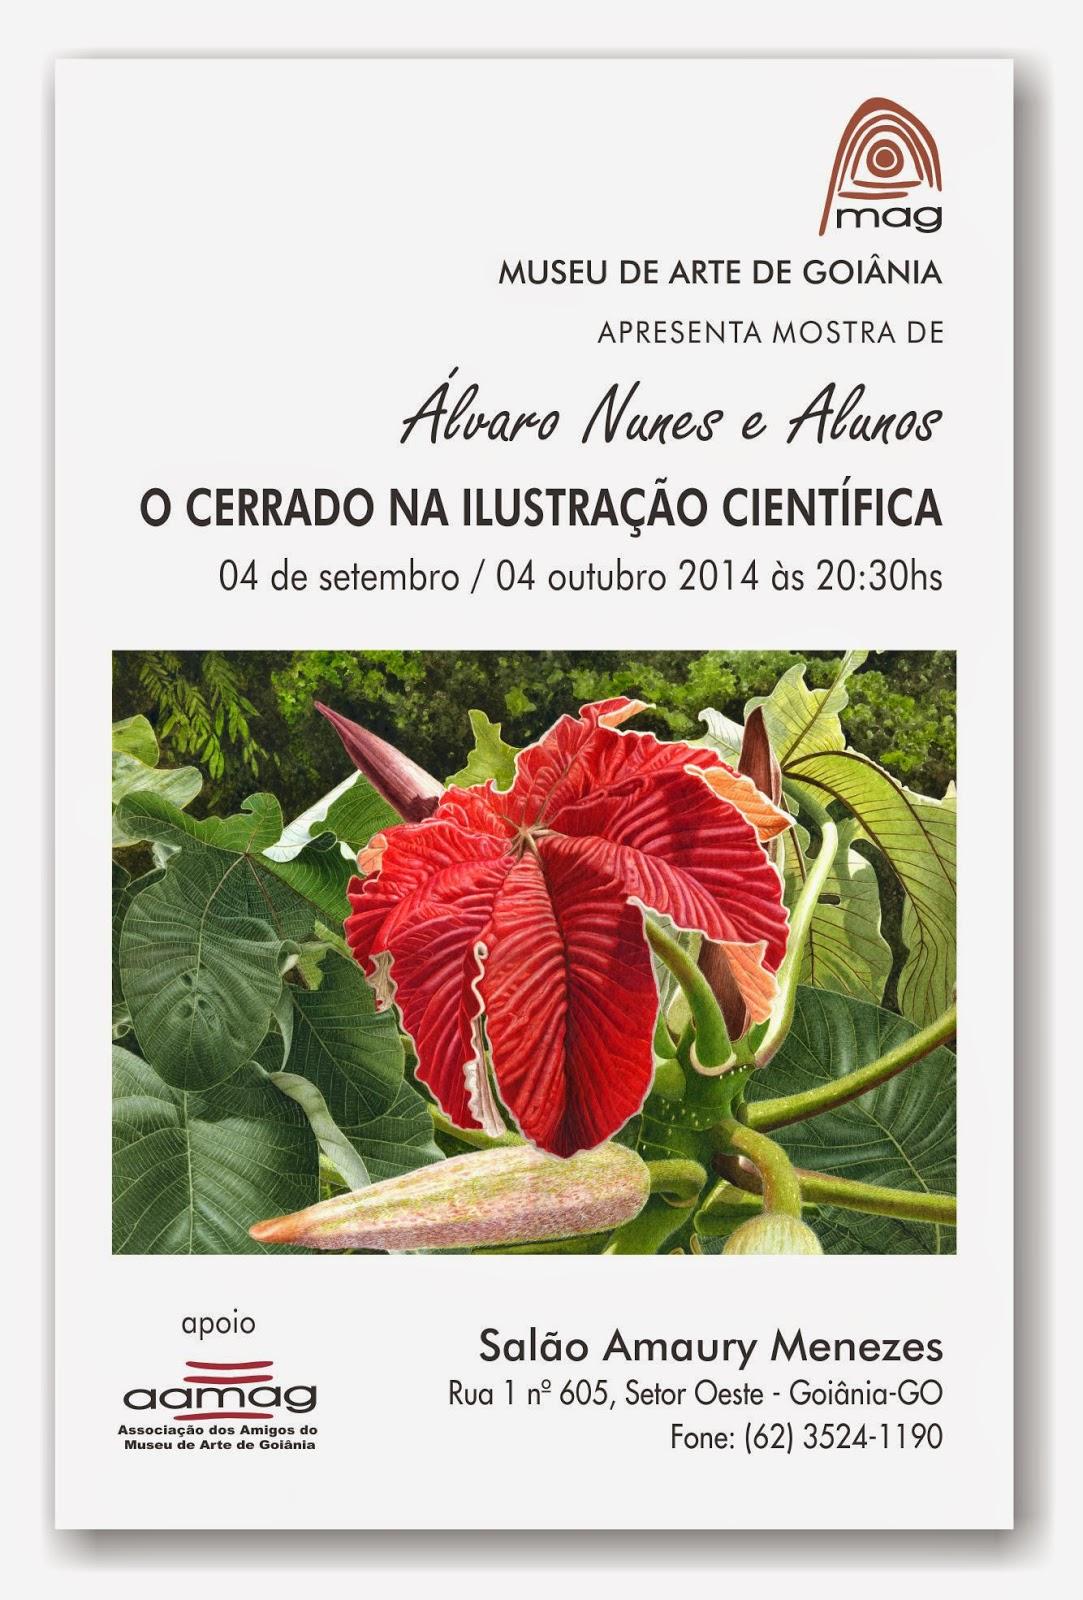 convite exposição ilustração científica botânica cerrado